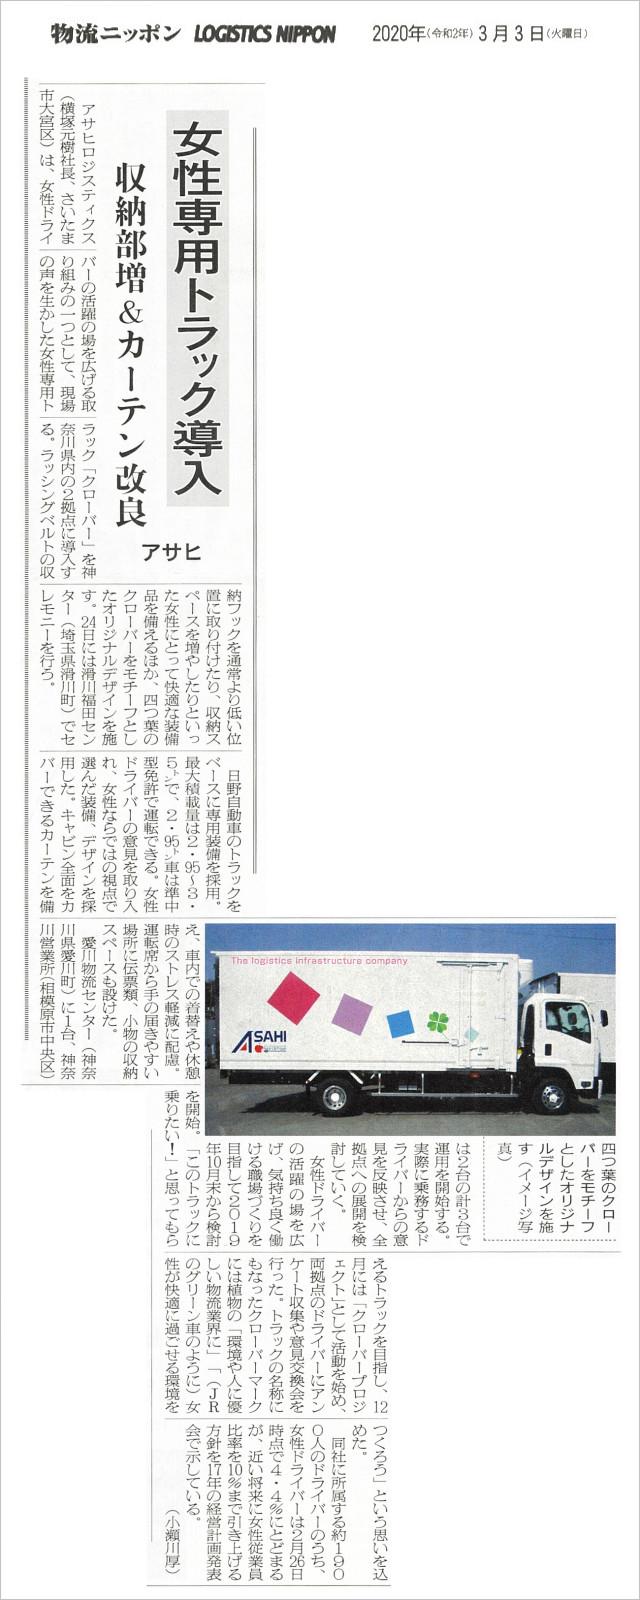 物流ニッポン 女性専用トラック クローバー 女性ドライバー